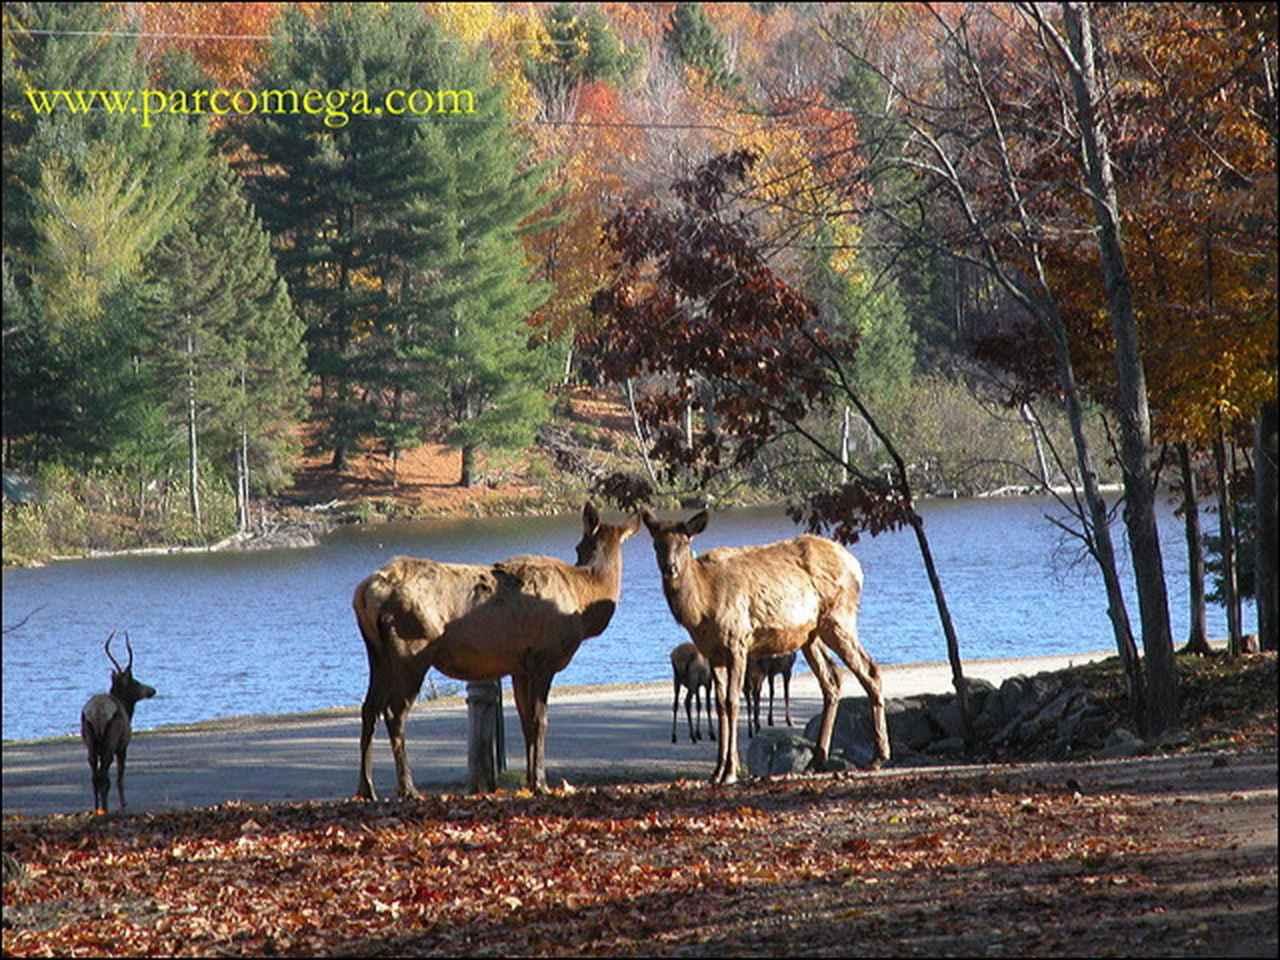 画像: オメガパークのエルクたち/©www.parcomega.com